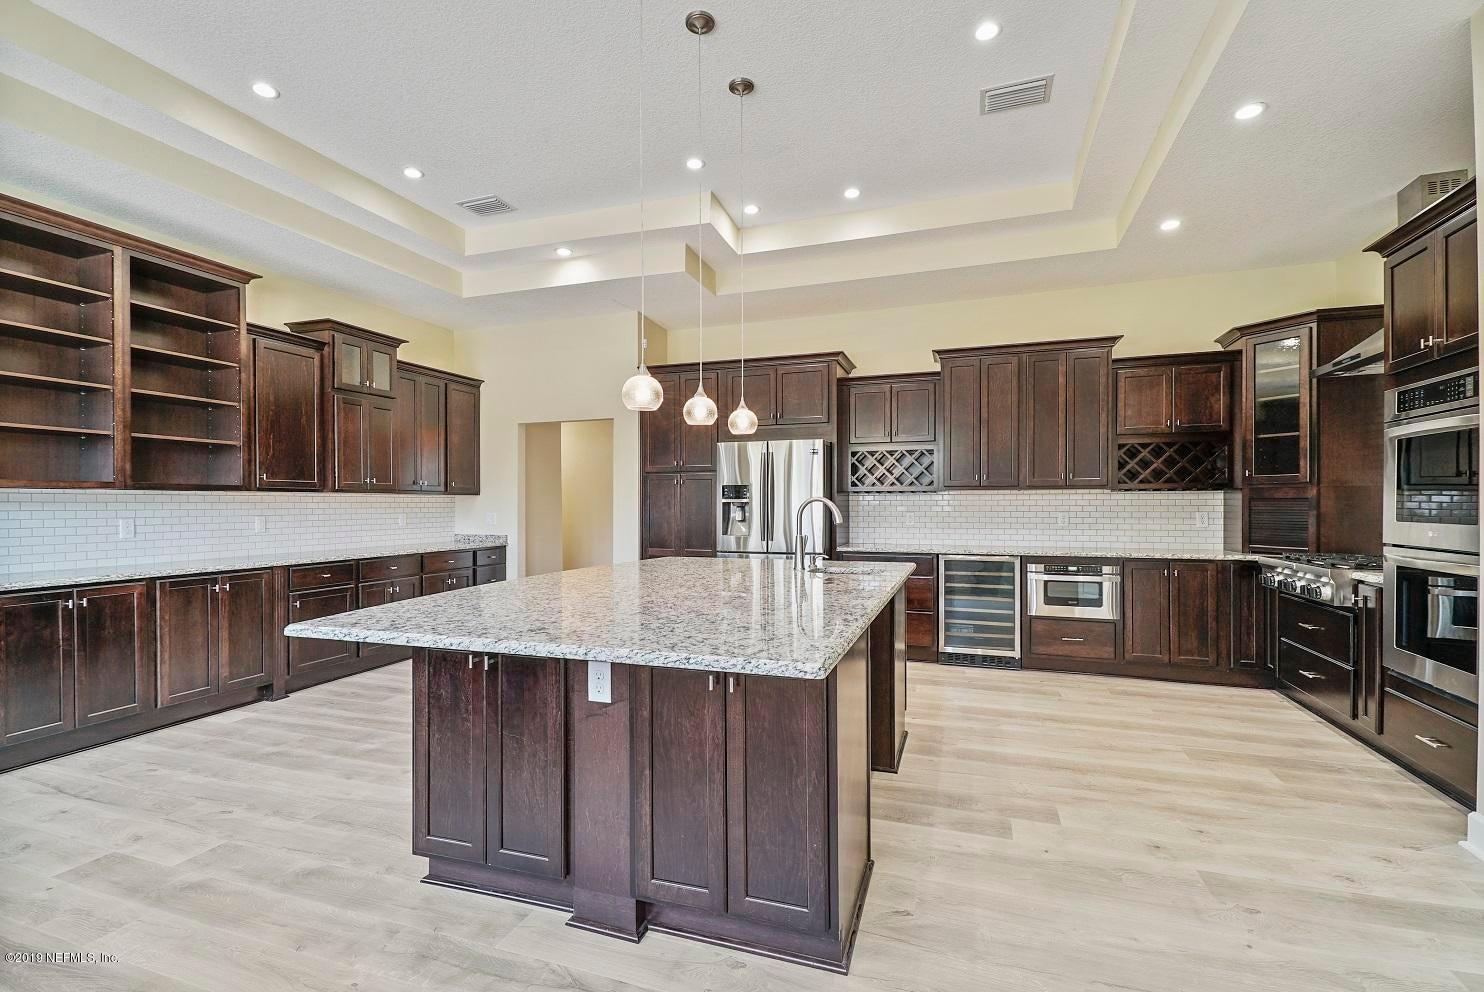 Middleburg, FL 5 Bedroom Home For Sale